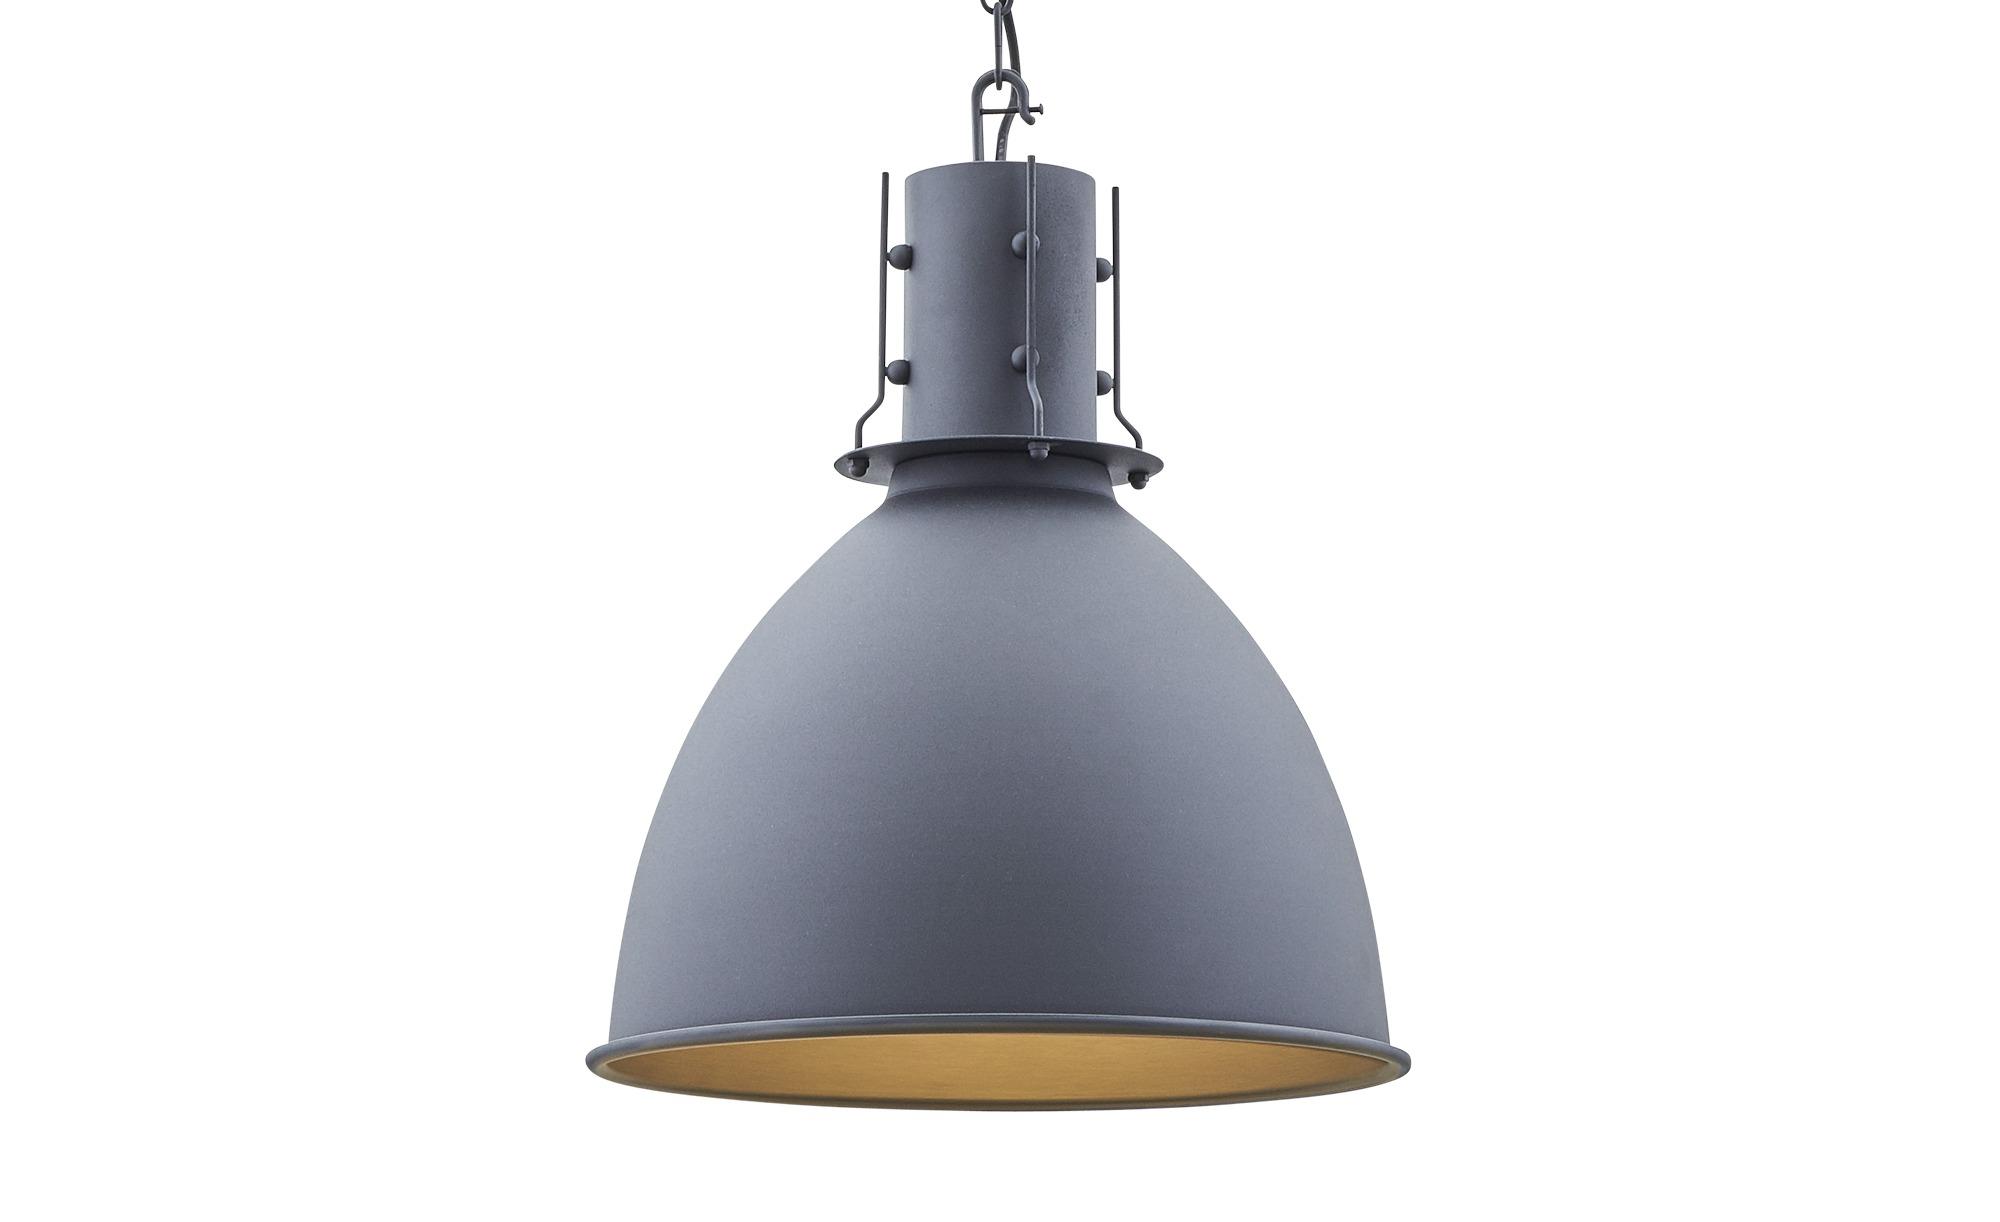 Pendelleuchte ¦ schwarzØ: [42.0] Lampen & Leuchten > Innenleuchten > Pendelleuchten - Höffner